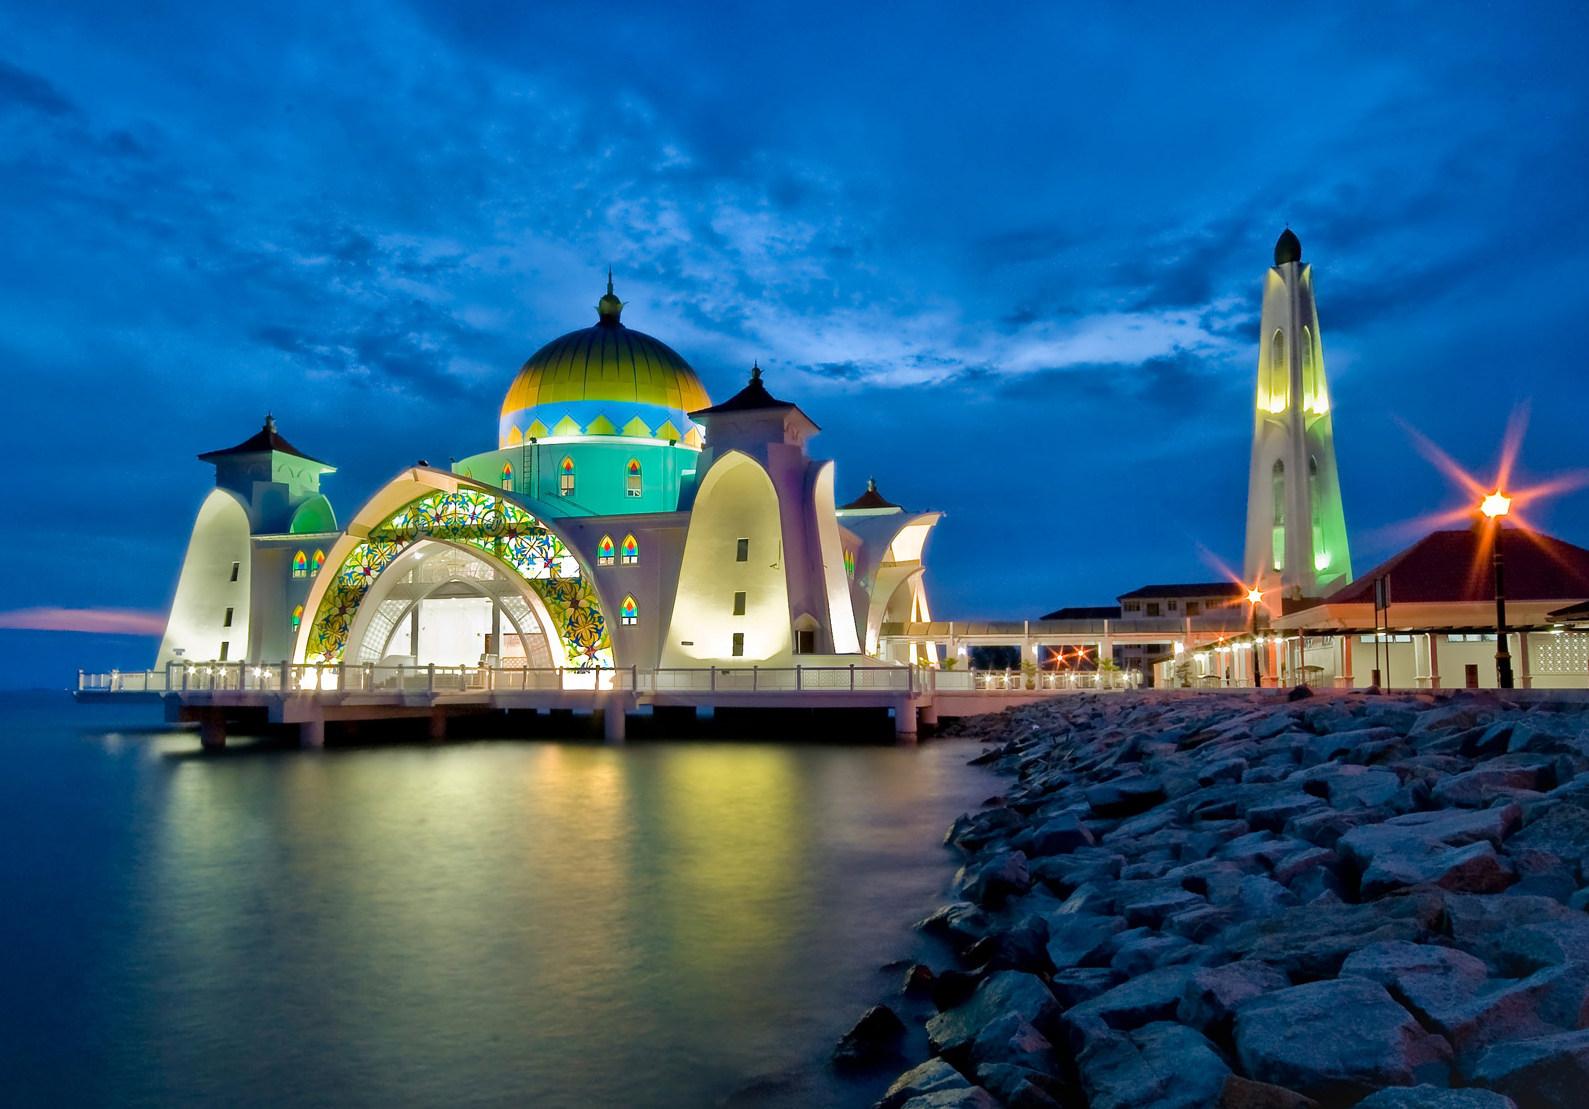 الأحاديث الواردة في فضل بناالأحاديث الواردة في فضل بناء المساجدء المساجد